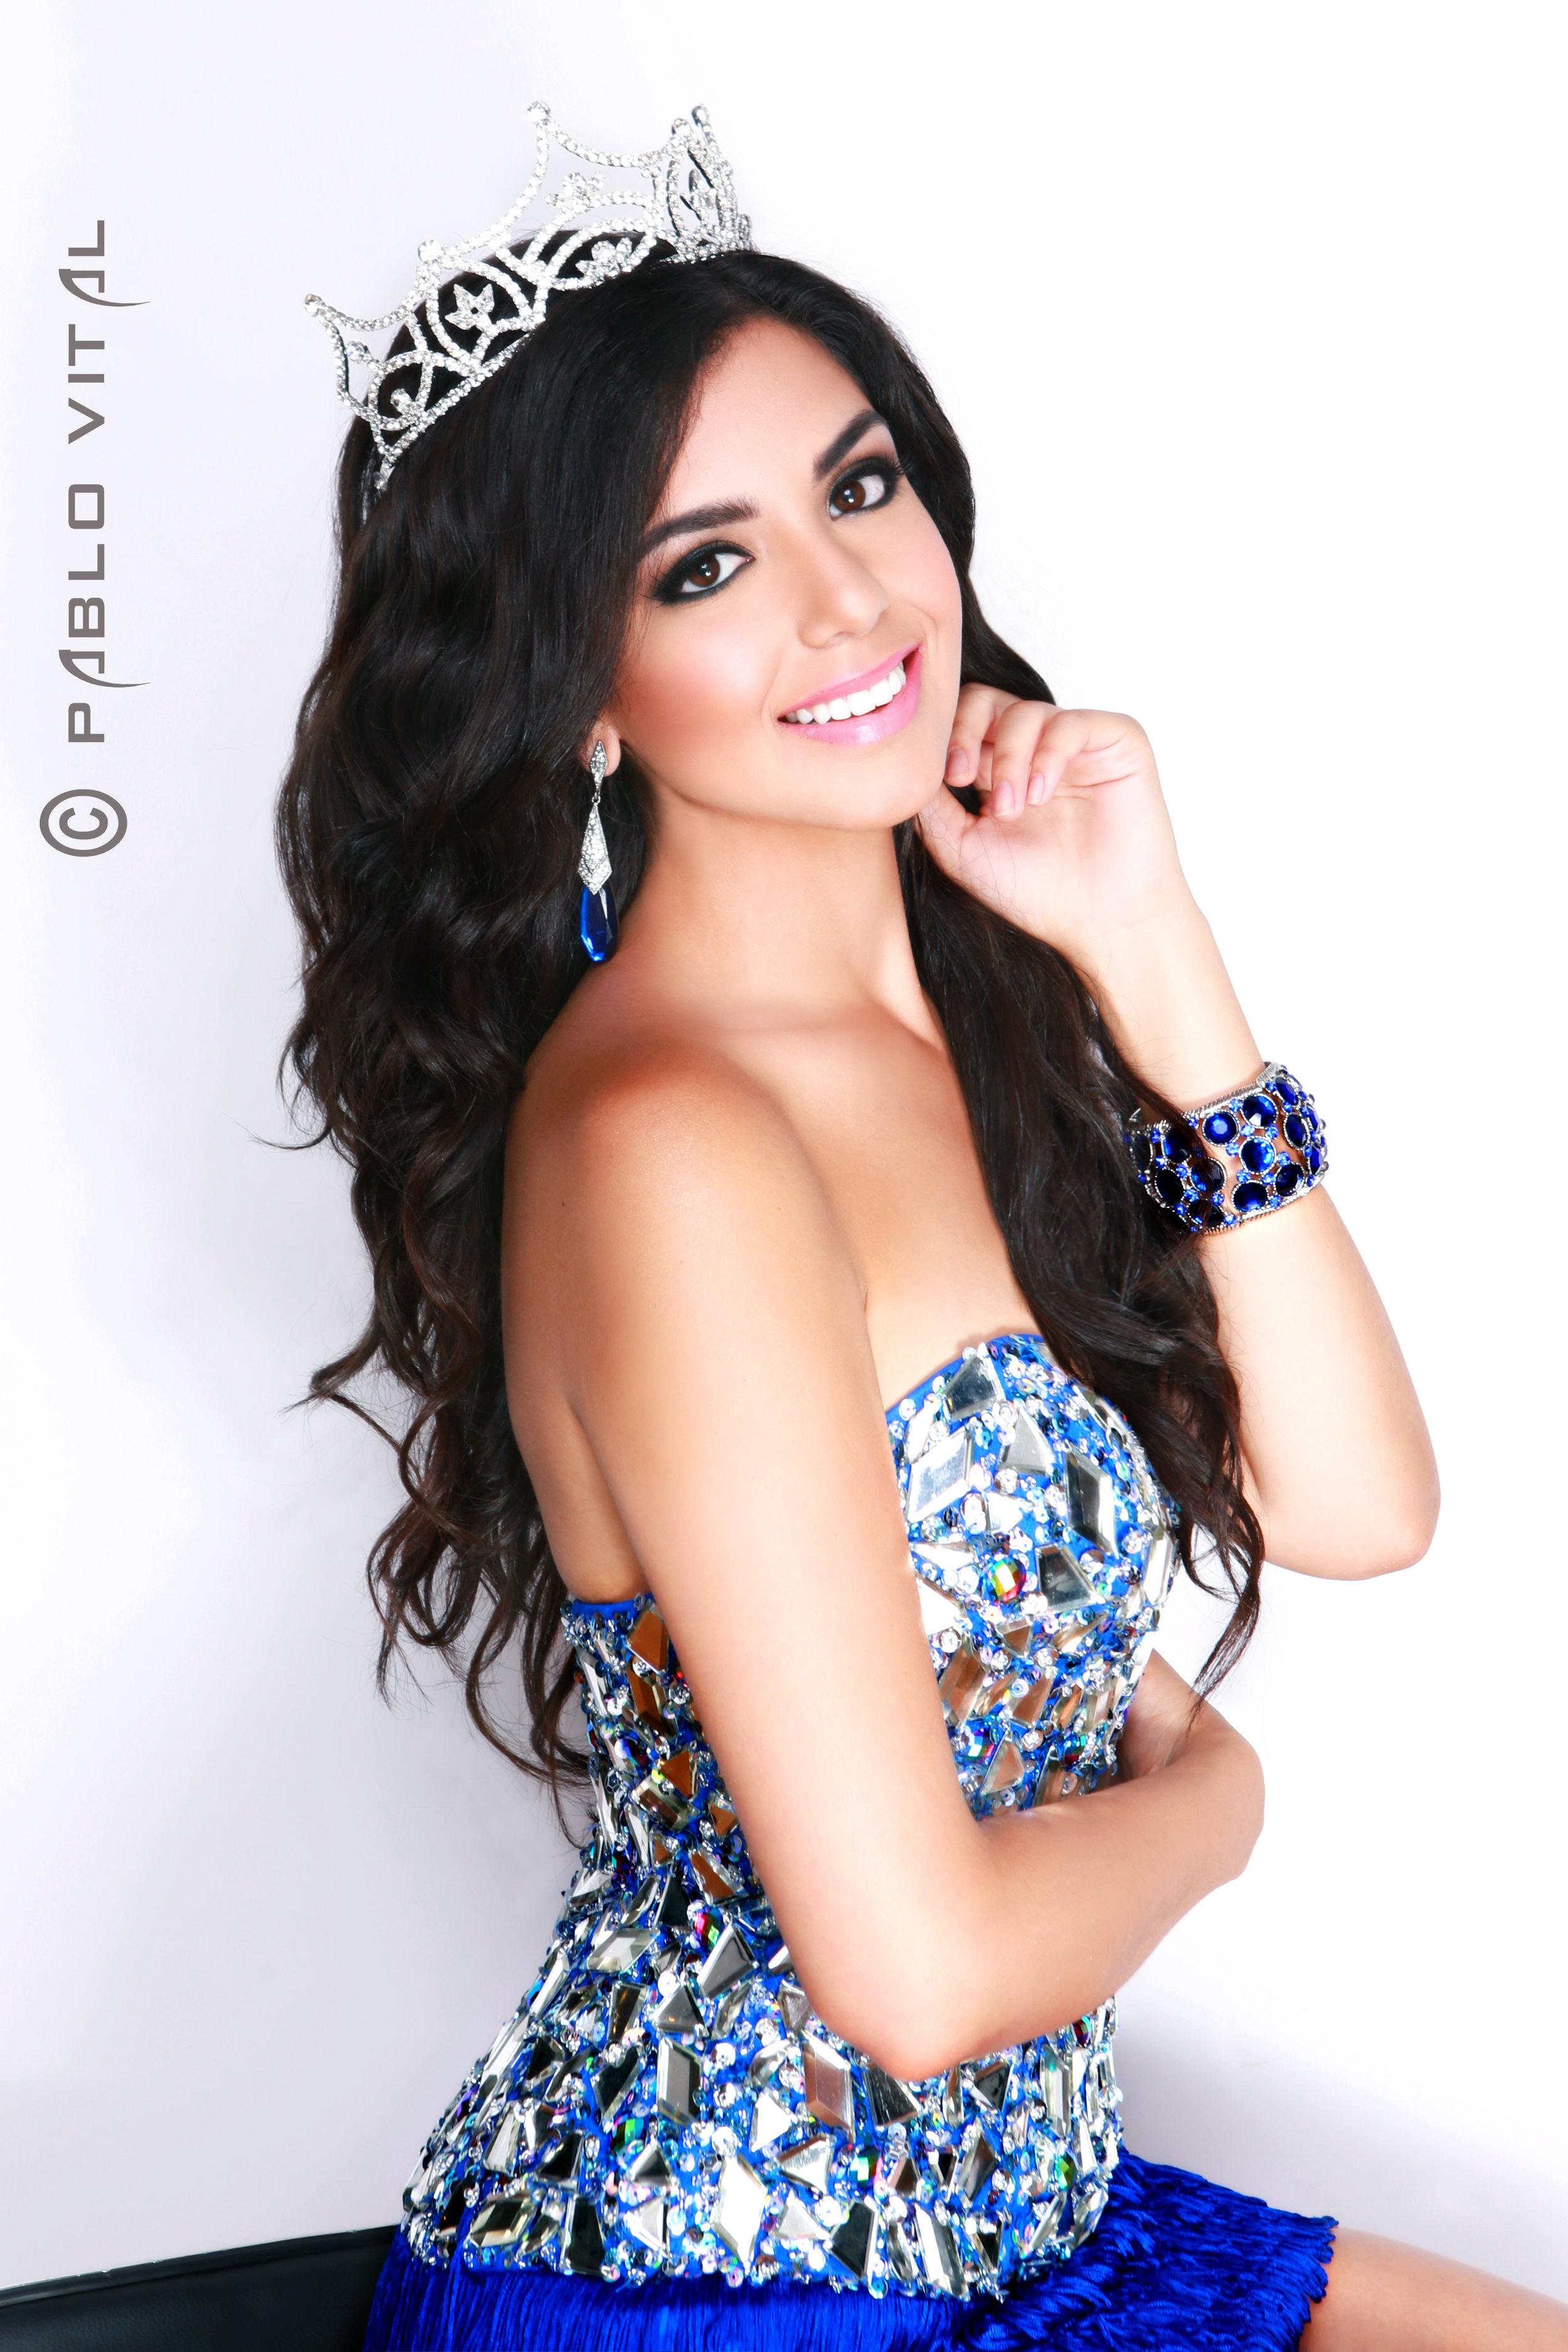 Miss Teen Illinois Latina 2013